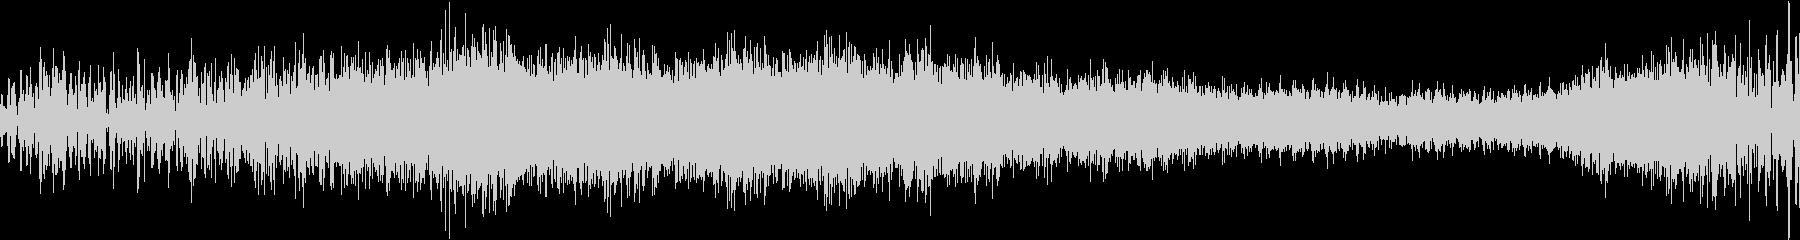 RadioSFX ラジオや生配信向けSEの未再生の波形